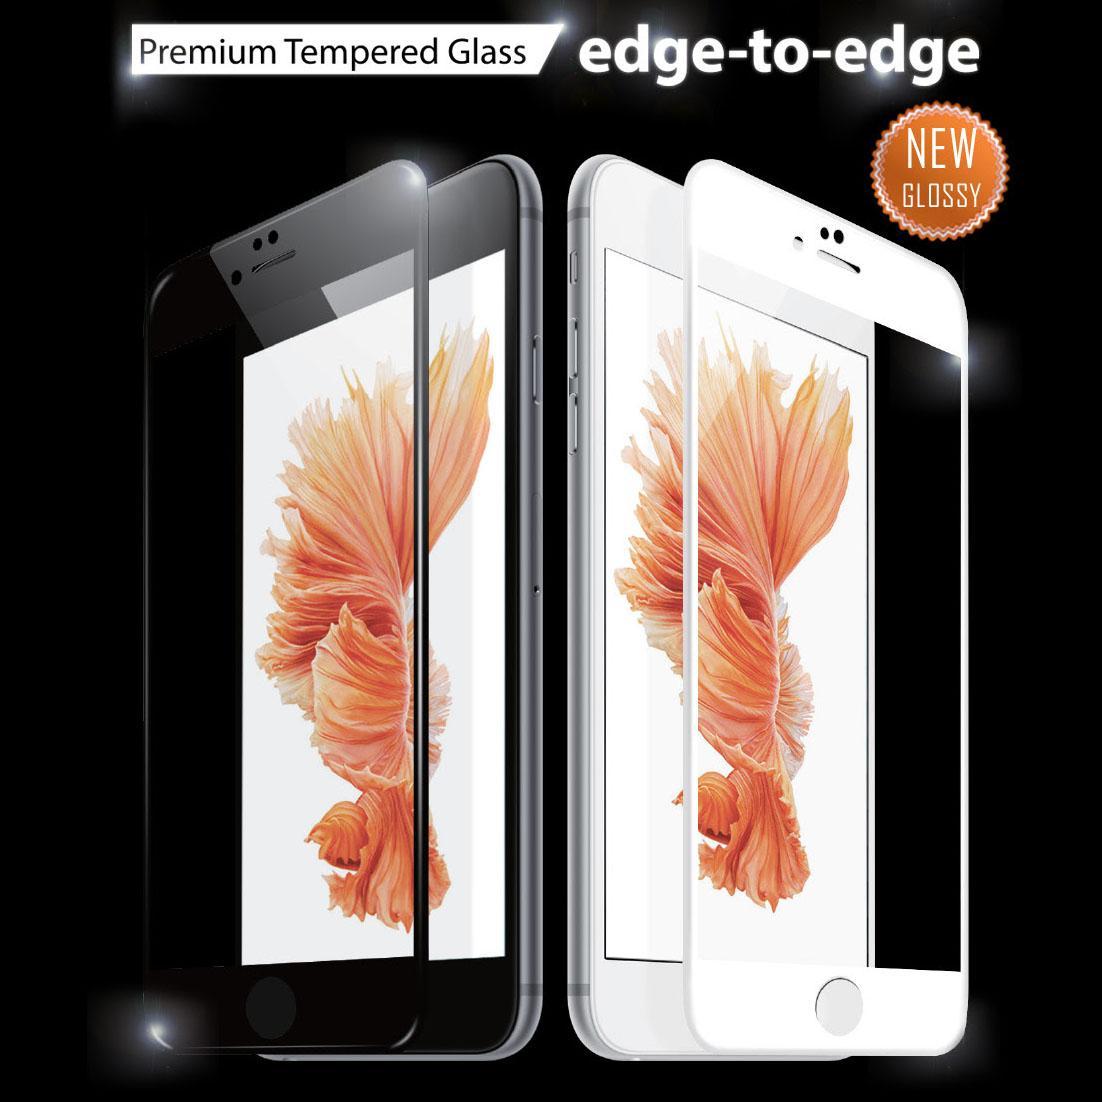 Pellicola in vetro temperato full screen per iphone 6/6s 7 8 e Plus - nero o bianco